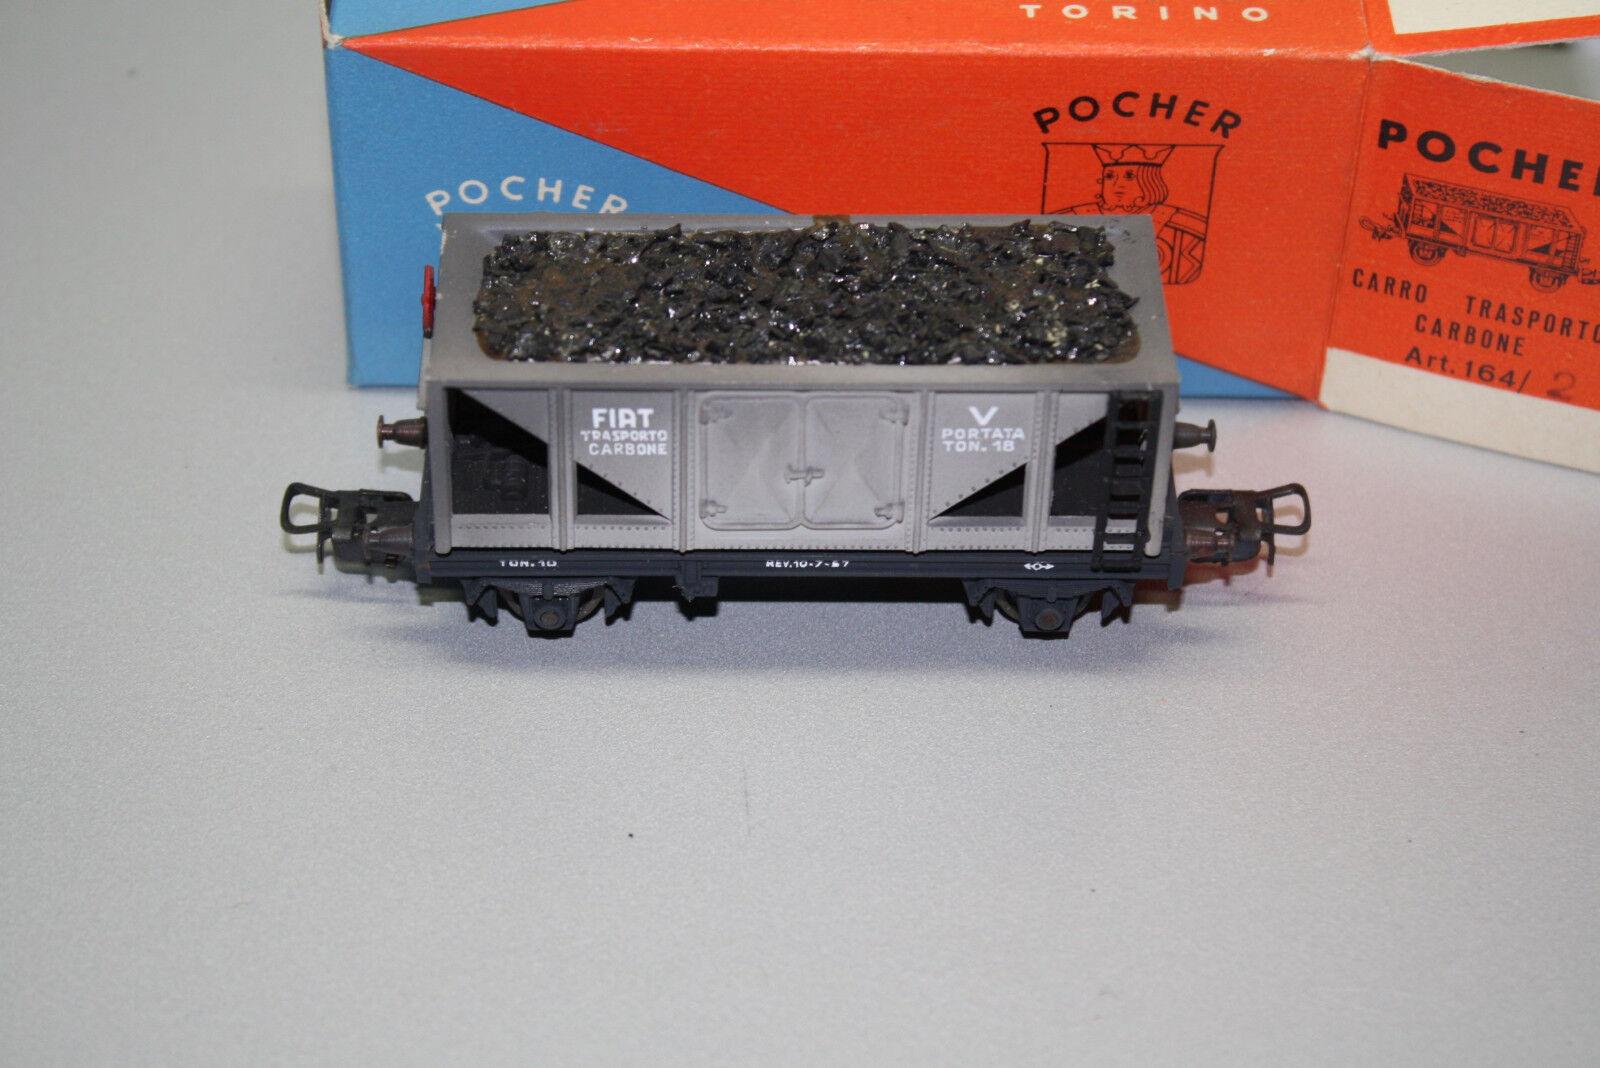 POCHER 164/2 2-camion carbone carrello trasporto FIAT traccia h0 OVP